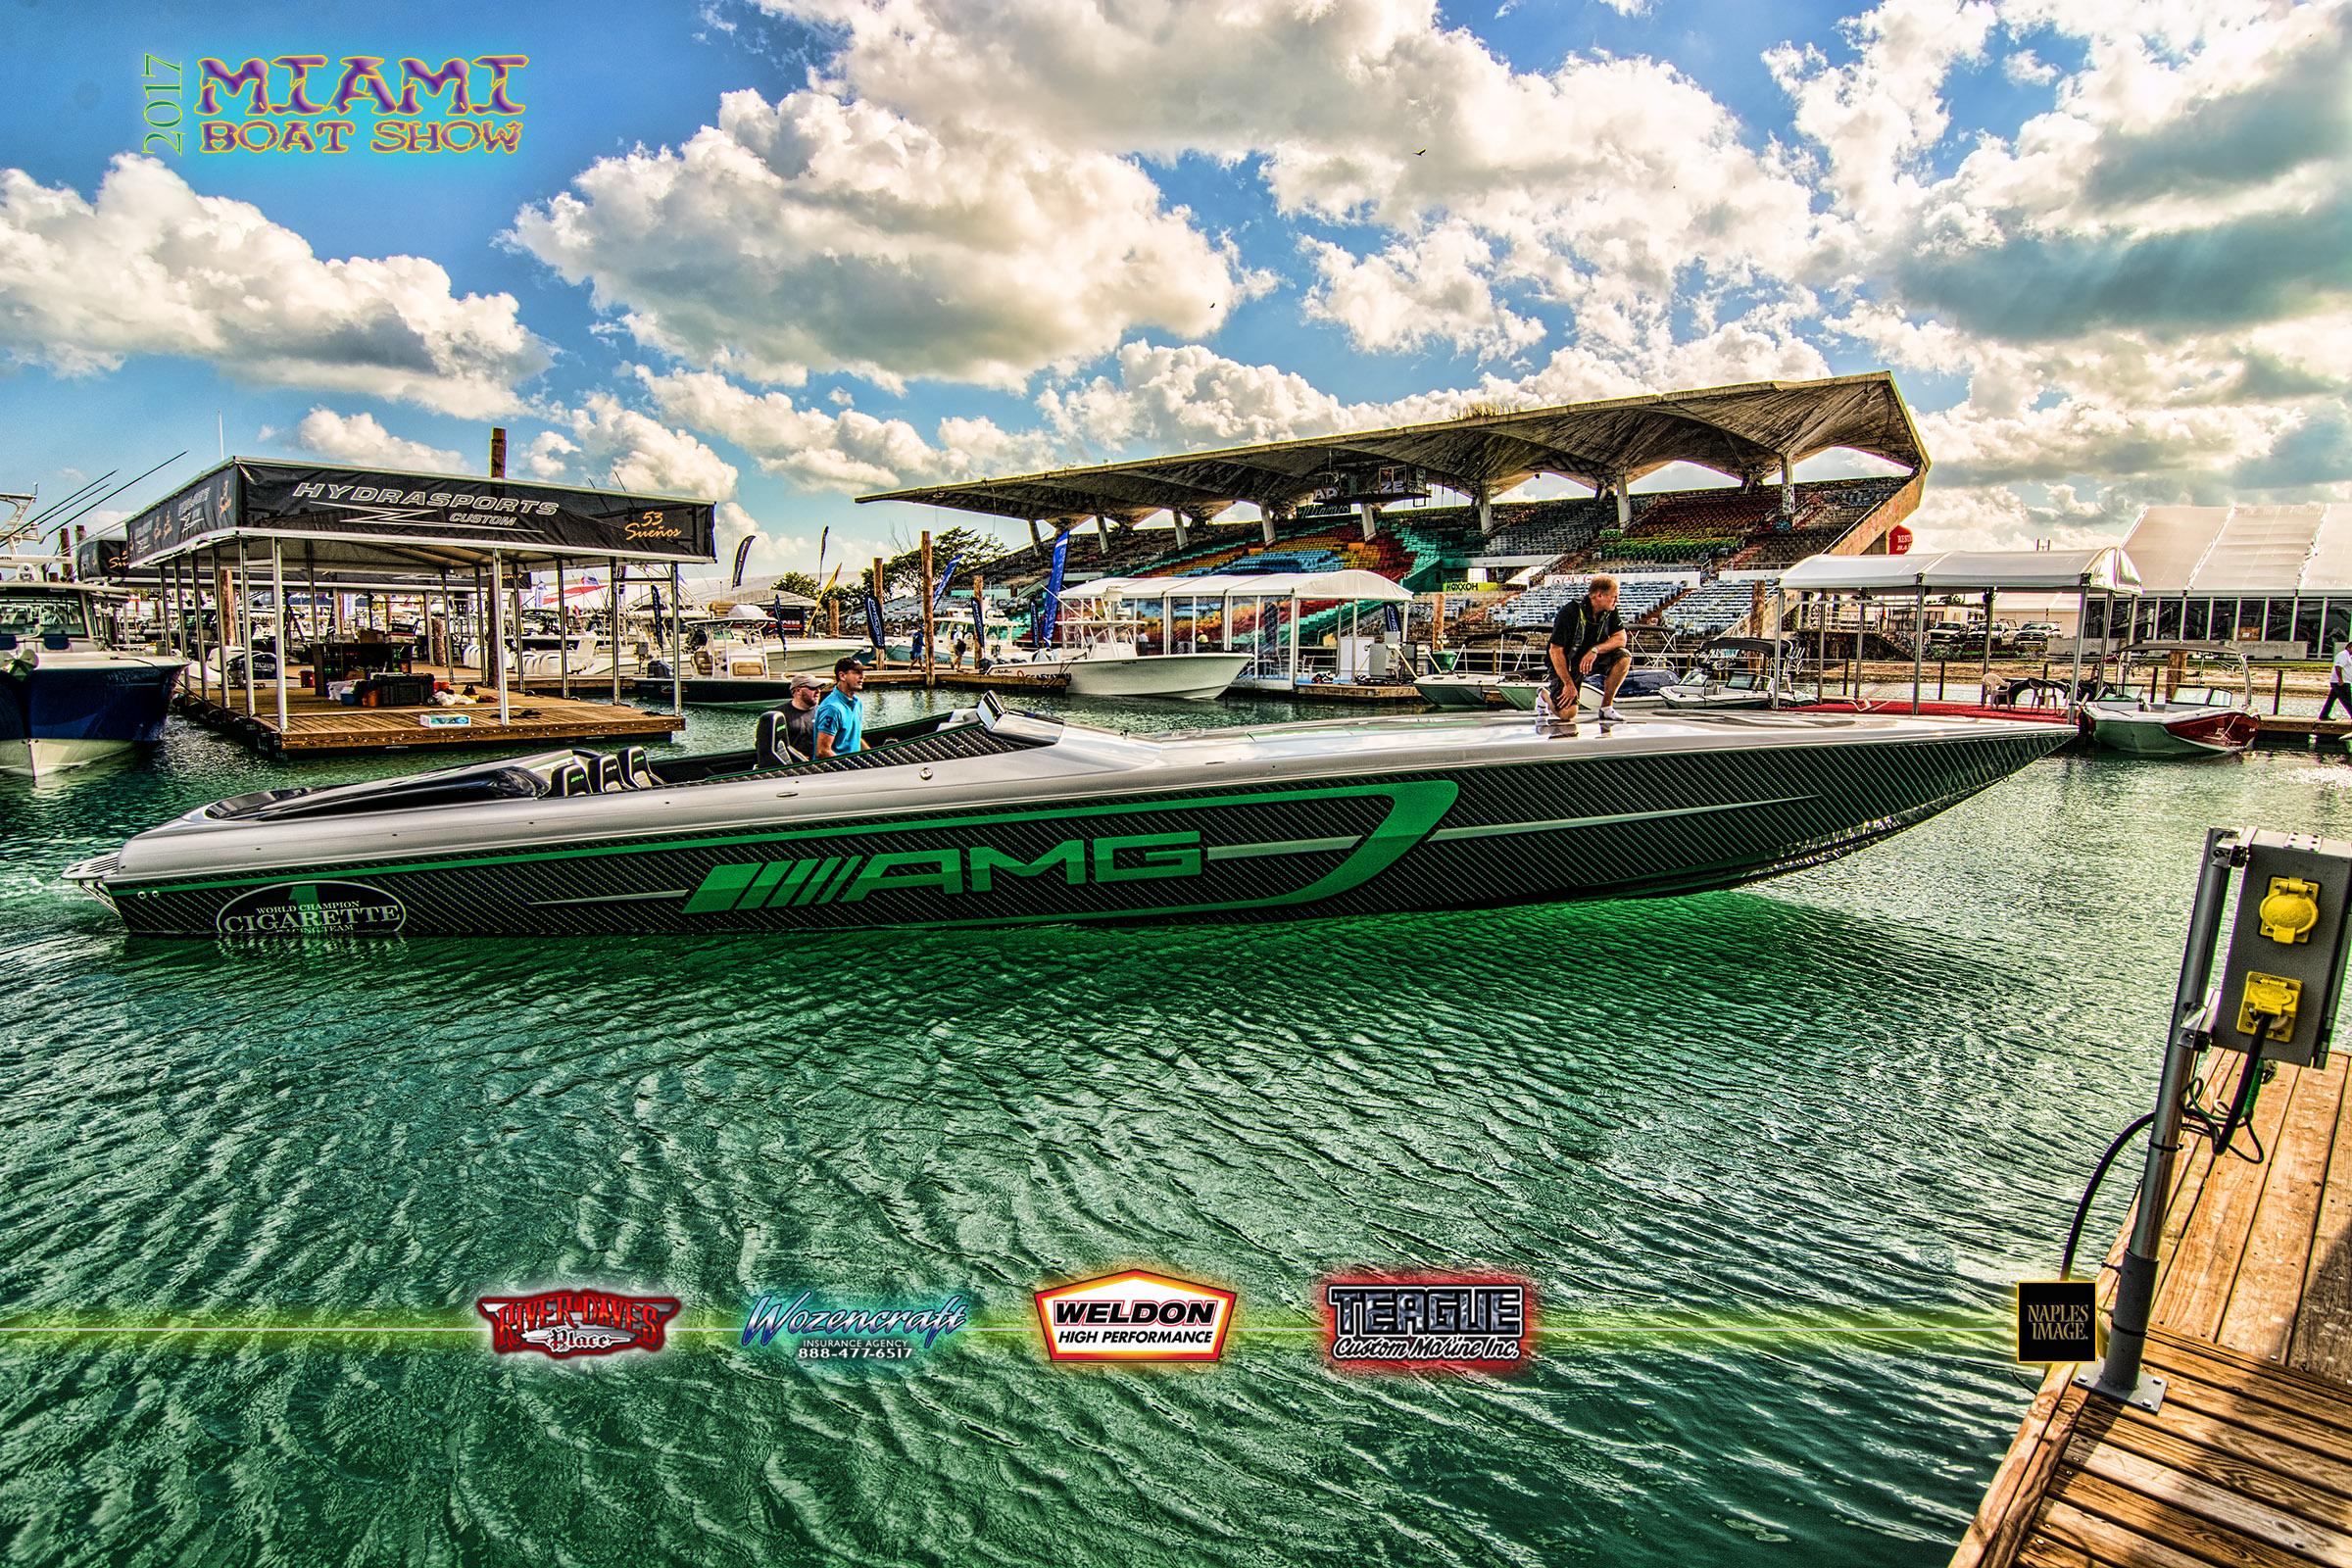 2017 miami boat show - Miami boat show ...